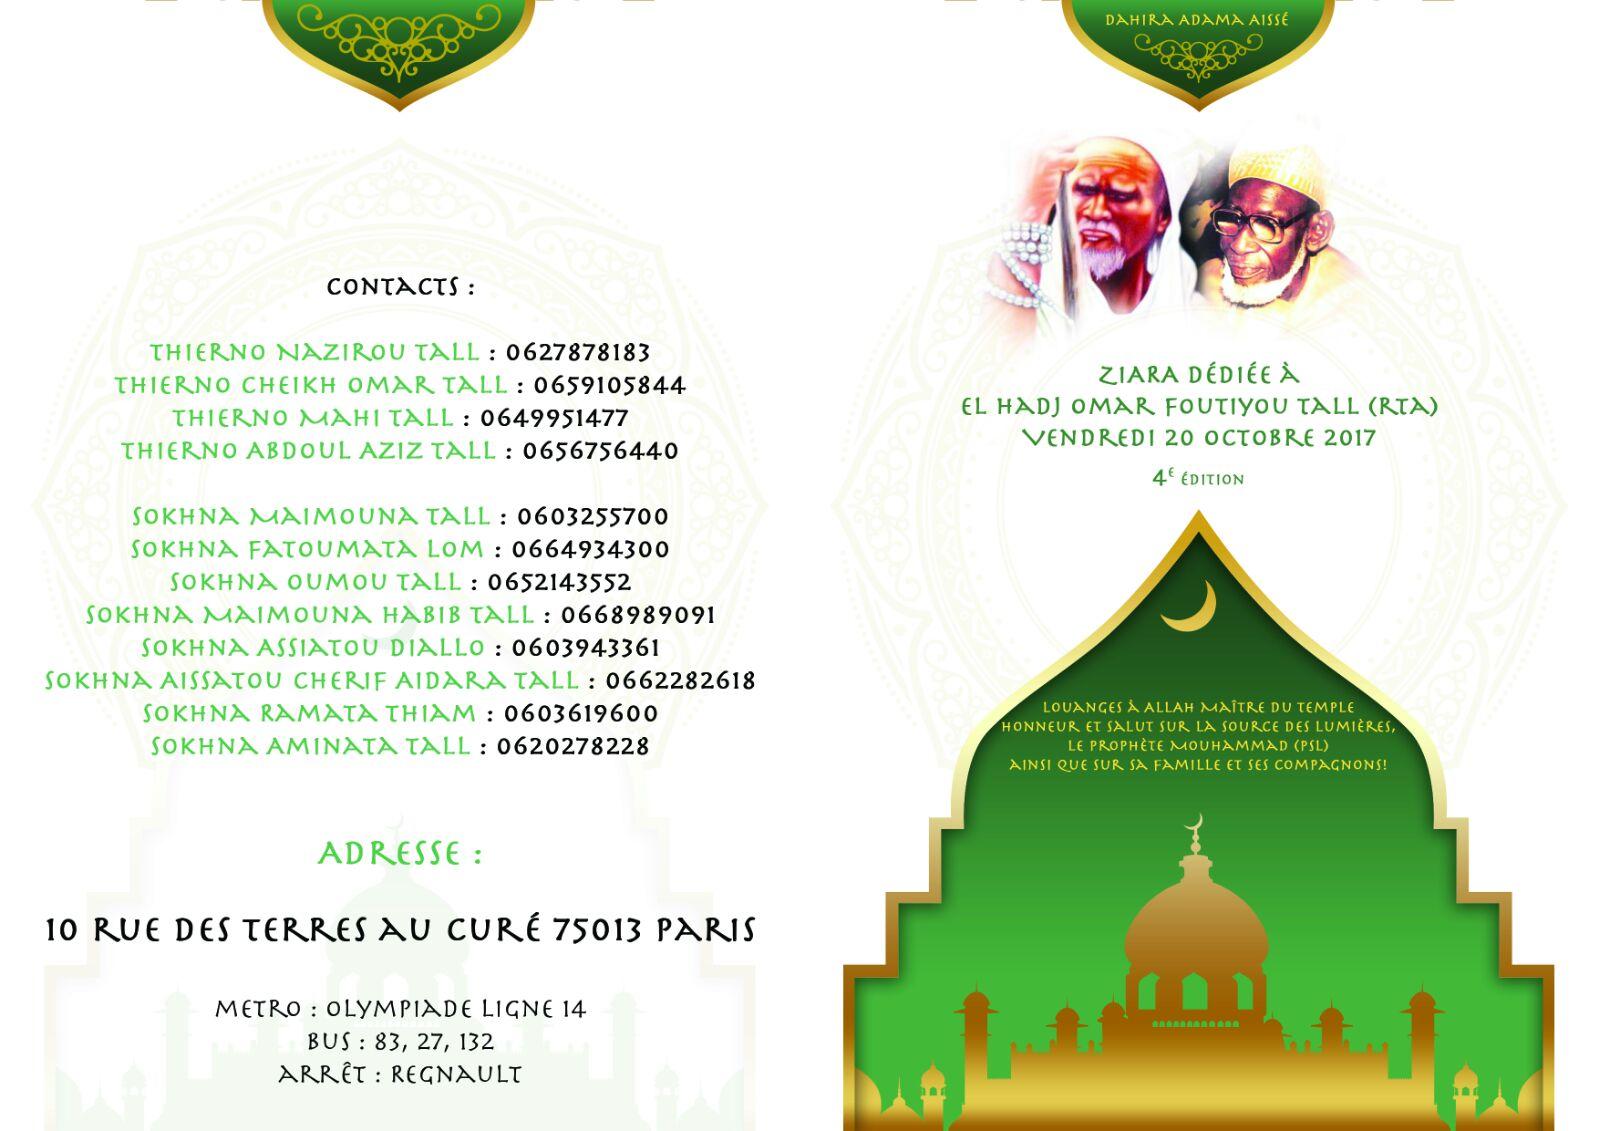 ANNONCE - FRANCE - Journée Cheikh Oumar Foutiyou Tall (rta) , Vendredi 20 Octobre 2017 à Paris 13éme